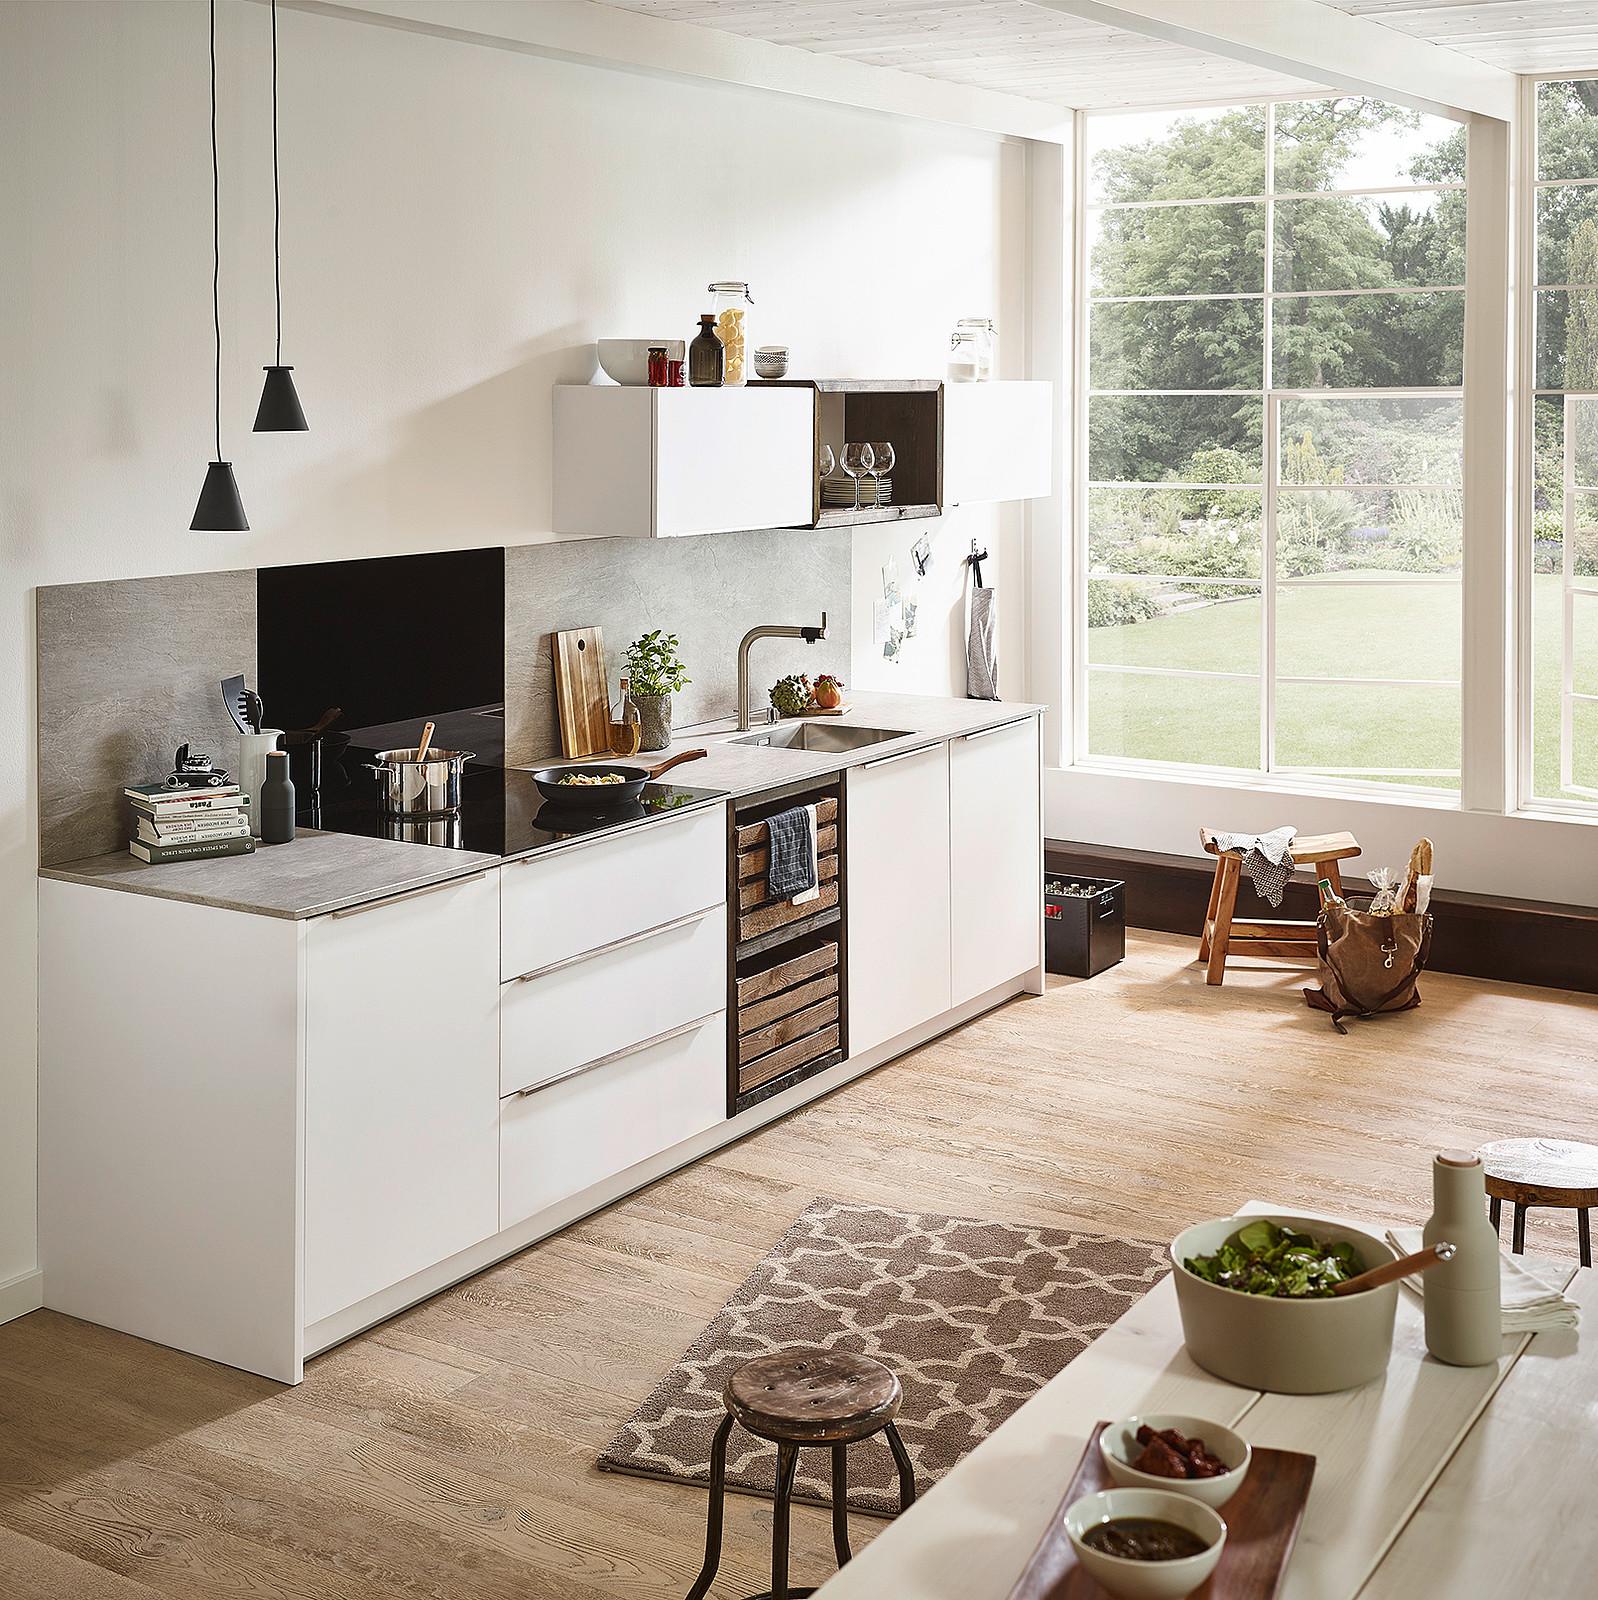 Full Size of Kchenrckwand Holz Laminat In Der Küche Für Bad Fürs Im Badezimmer Wohnzimmer Küchenrückwand Laminat